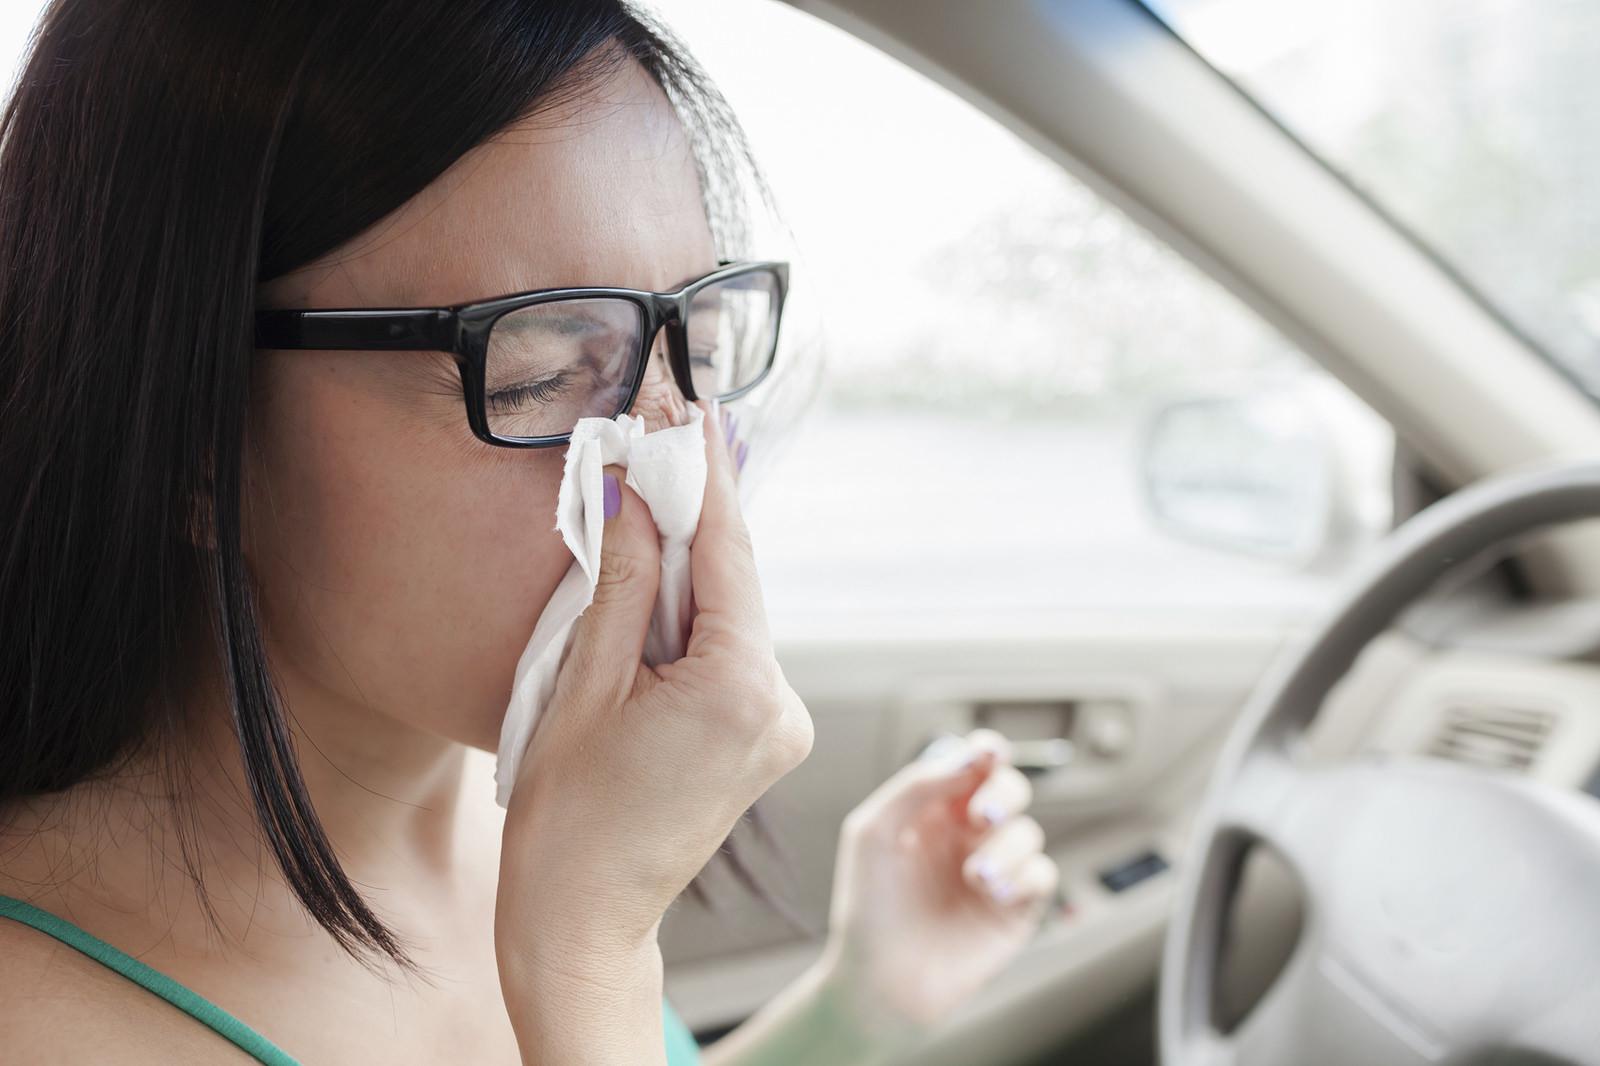 Llegan las alergias: cómo  saber qué medicamentos son incompatibles con la conducción